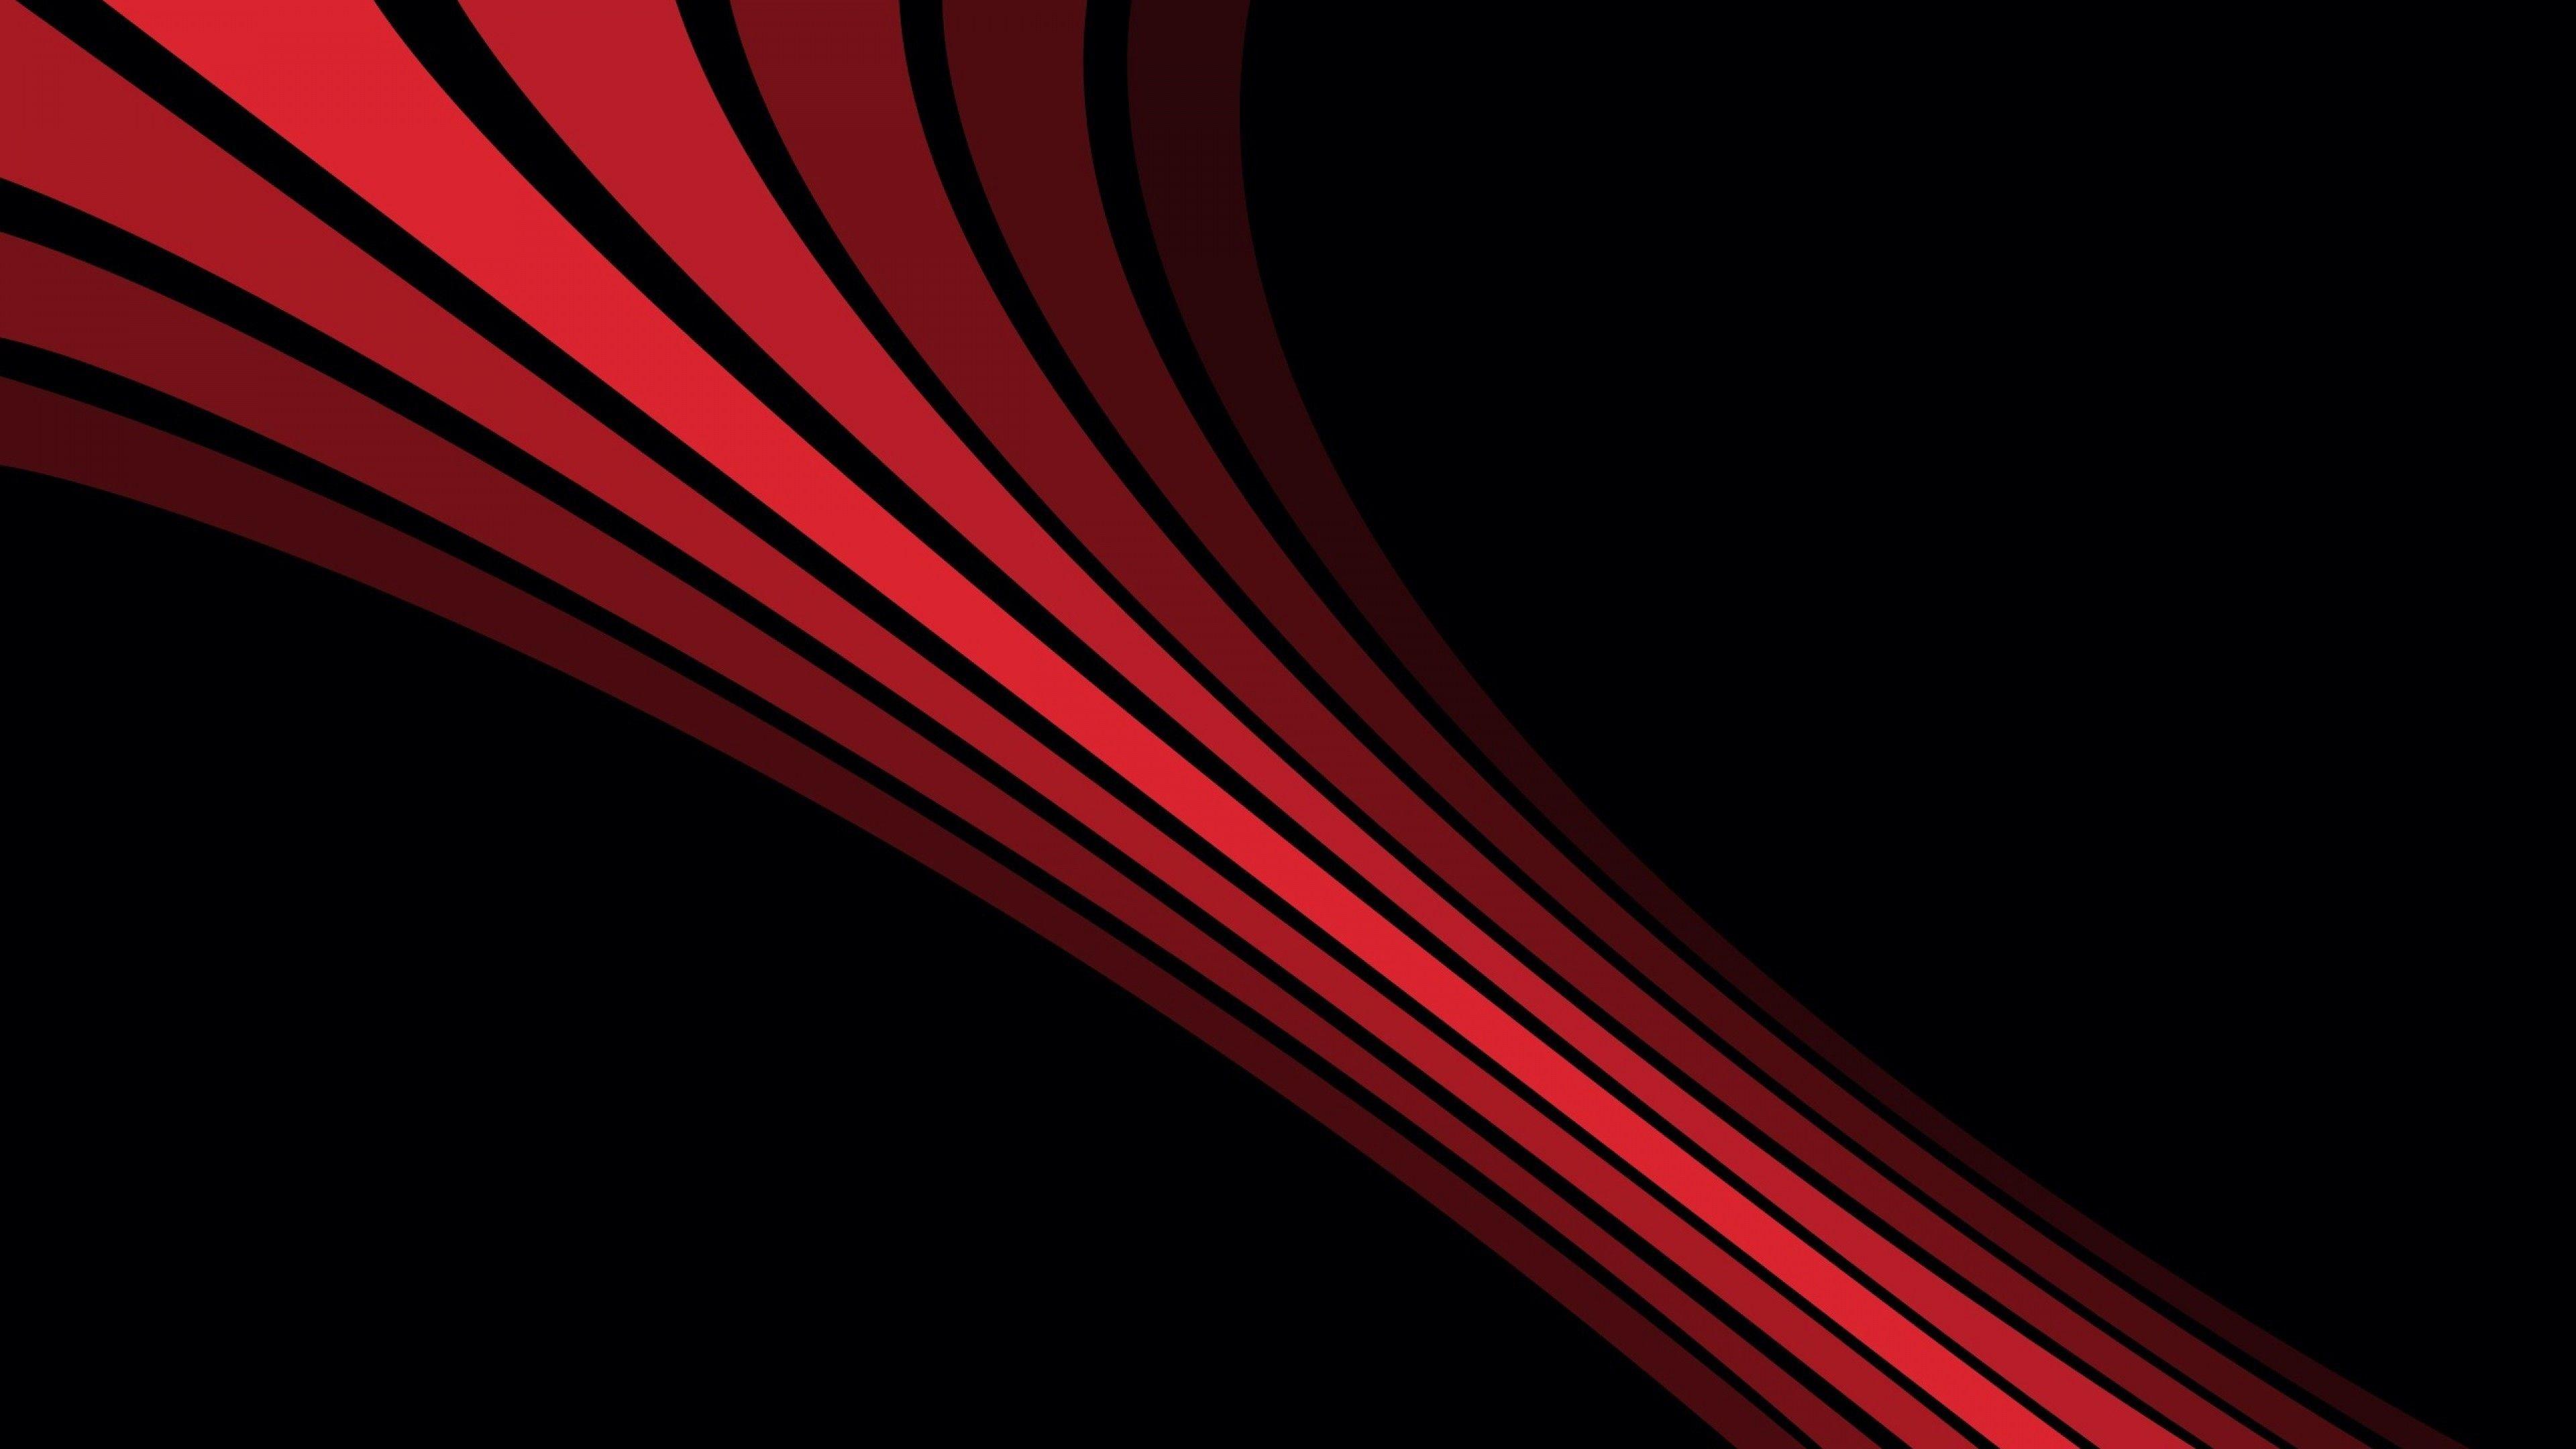 4K Red Free Wallpaper